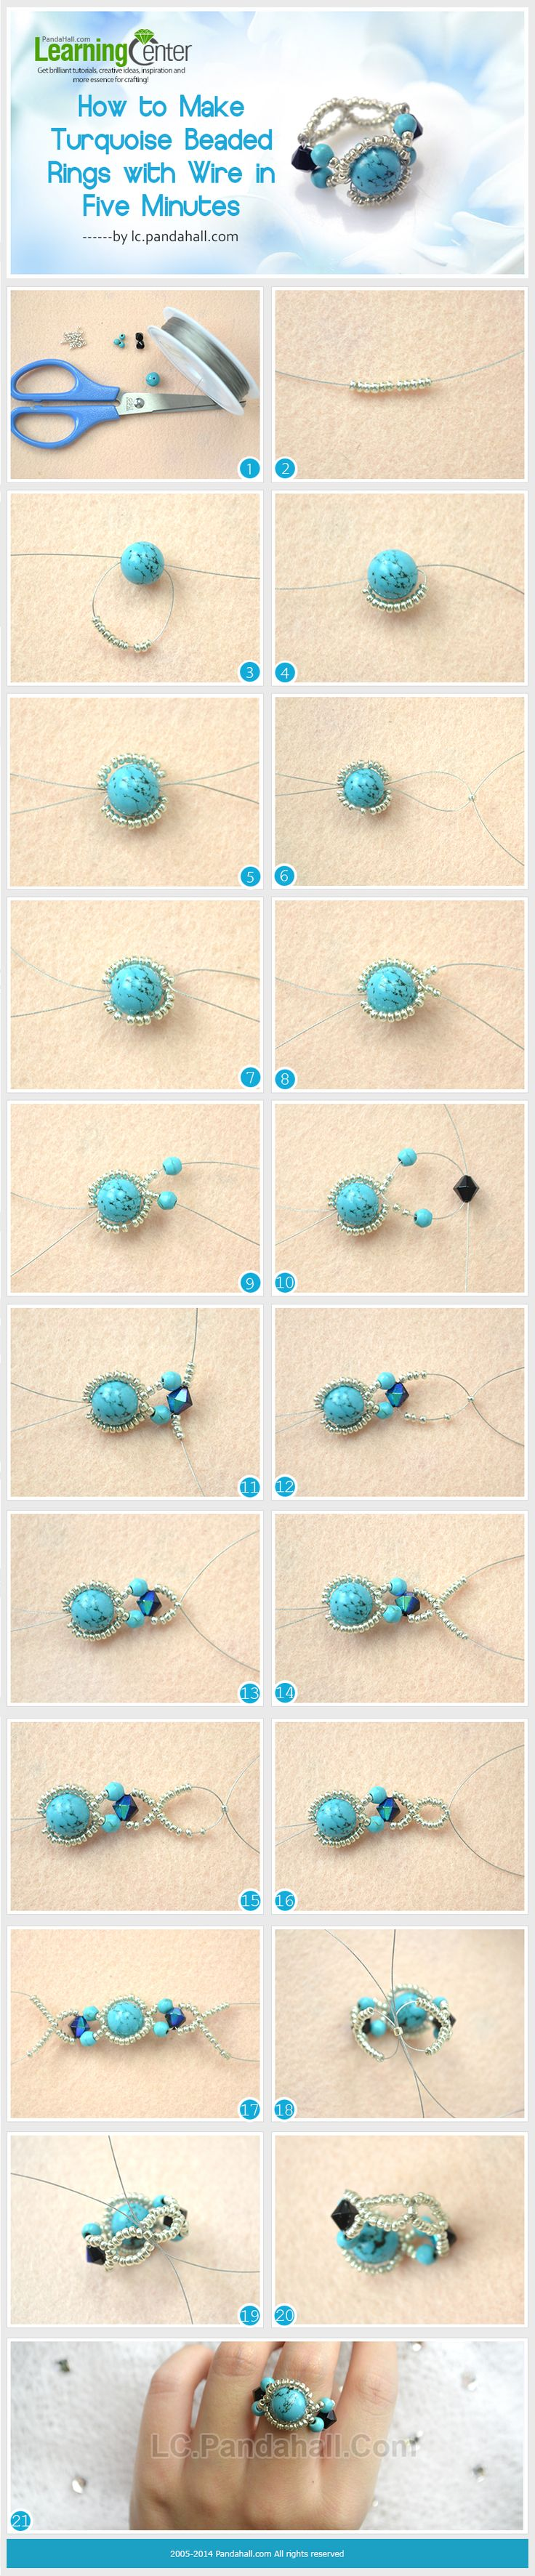 Anillo con esferas de turquesa, cristal y mostacillas con alambre. Ensayar